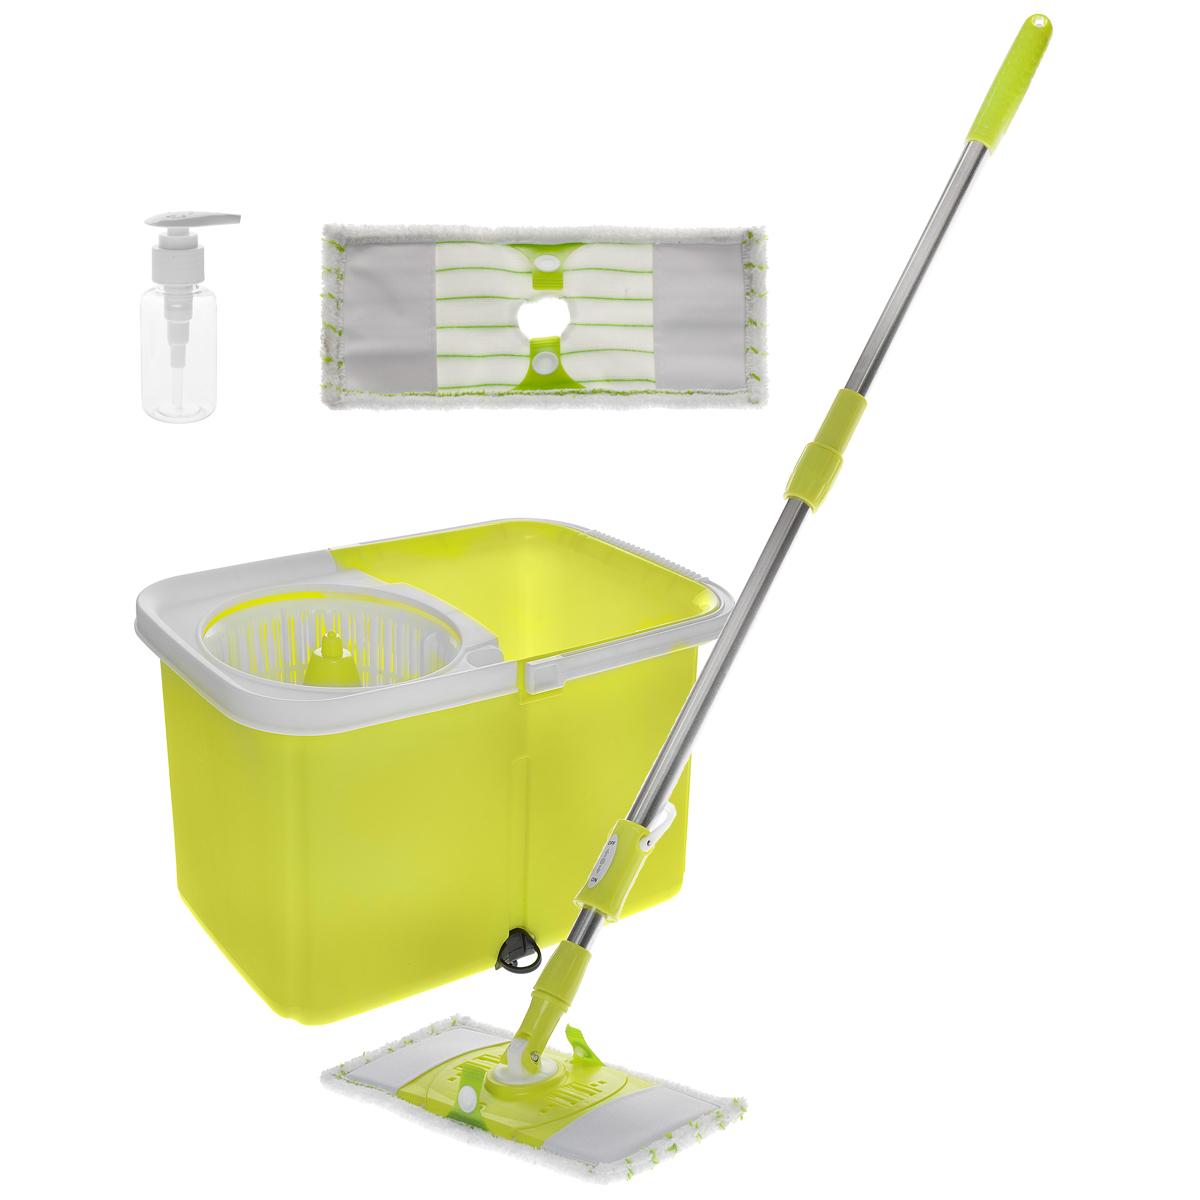 Набор для уборки, цвет: желтый, 4 предмета. ZT-16ZT-16Набор для уборки состоит из ведра, швабры и двух насадок. Ведро выполнено из пластика желтого цвета и оснащено центрифугой. Благодаря такому ведру со встроенным отжимом, уборка станет быстрой и гигиеничной, так как вы сможете выжимать швабру быстро и эффективно, не пачкая руки. Для удобства переноски ведро оснащено ручкой. Боковая часть ведра оснащена отверстием для слива, которое закрывается силиконовым клапаном. Благодаря этому ведро можно оставить, и содержимое аккуратно выльется самостоятельно. Прямоугольные насадки изготовлены из микрофибры. Специальная структура волокон насадки убирает даже сильные, затвердевшие загрязнения, не оставляя разводов и эффективно впитывает влагу. Черенок изготовлен из металла со вставками из пластика; складывается, что позволяет удобно его хранить, занимая минимум пространства. Набор предназначен для влажной уборки любых типов напольных покрытий. Насадка из микрофибры подходит для машинной стирки. Такой набор...